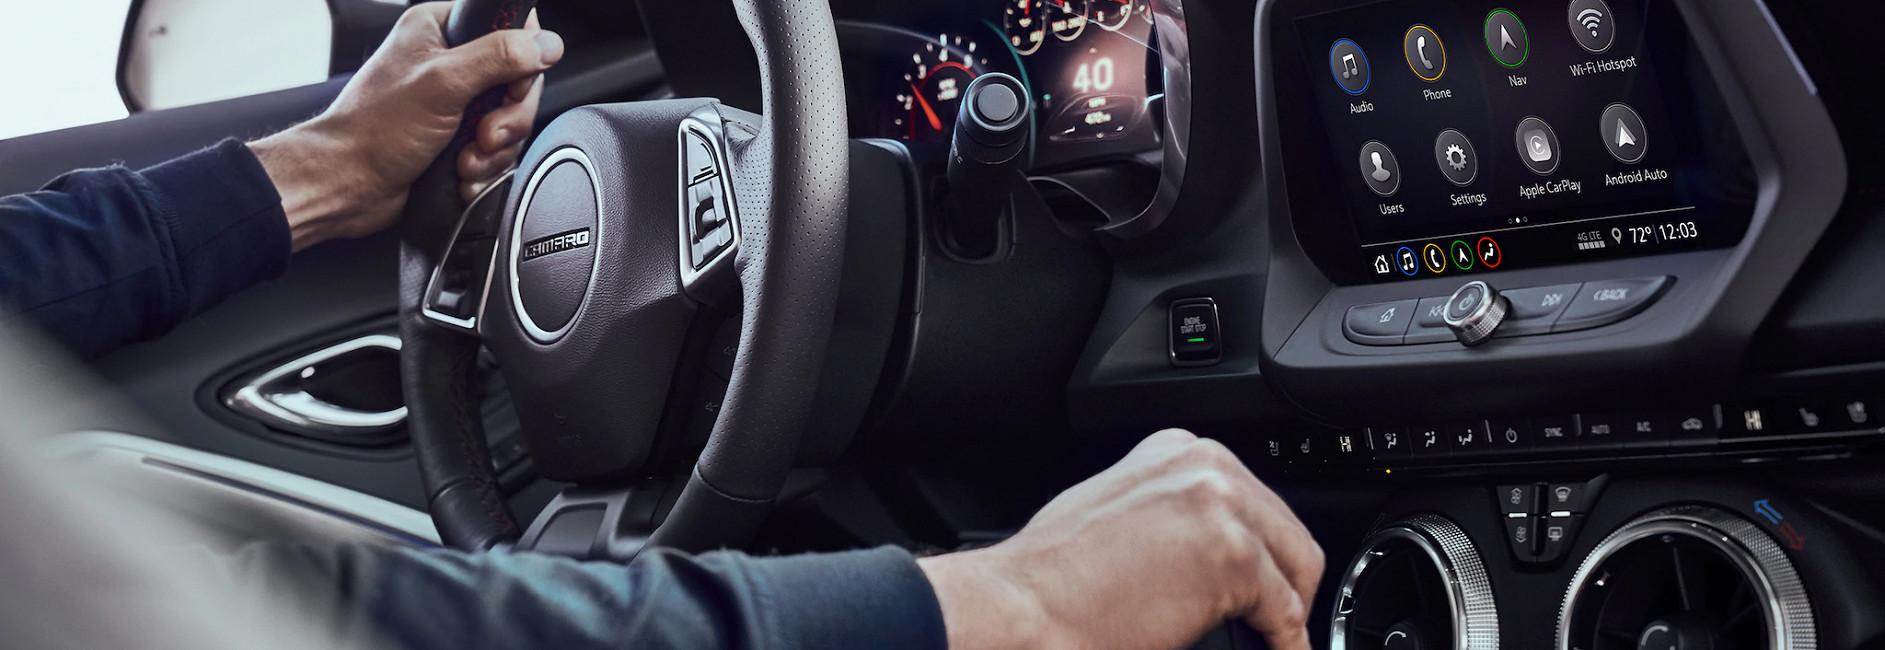 Los asientos tienen gran soporte y todo el interior tiene detalles que realzan la personalidad deportiva del Camaro.